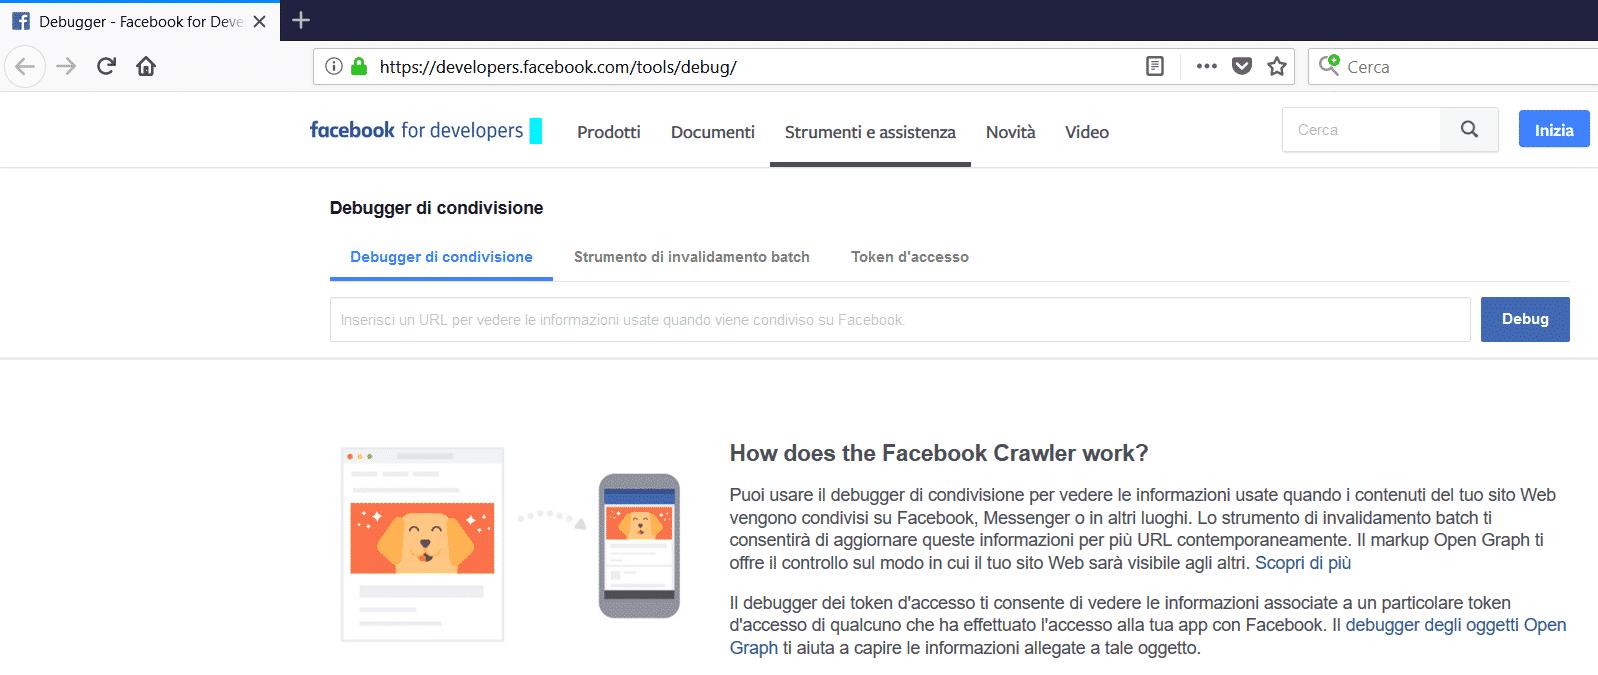 Facebook Link debugger facebook link debugger - debugger tool - Facebook Link Debugger cos'è e come utilizzare questo strumento